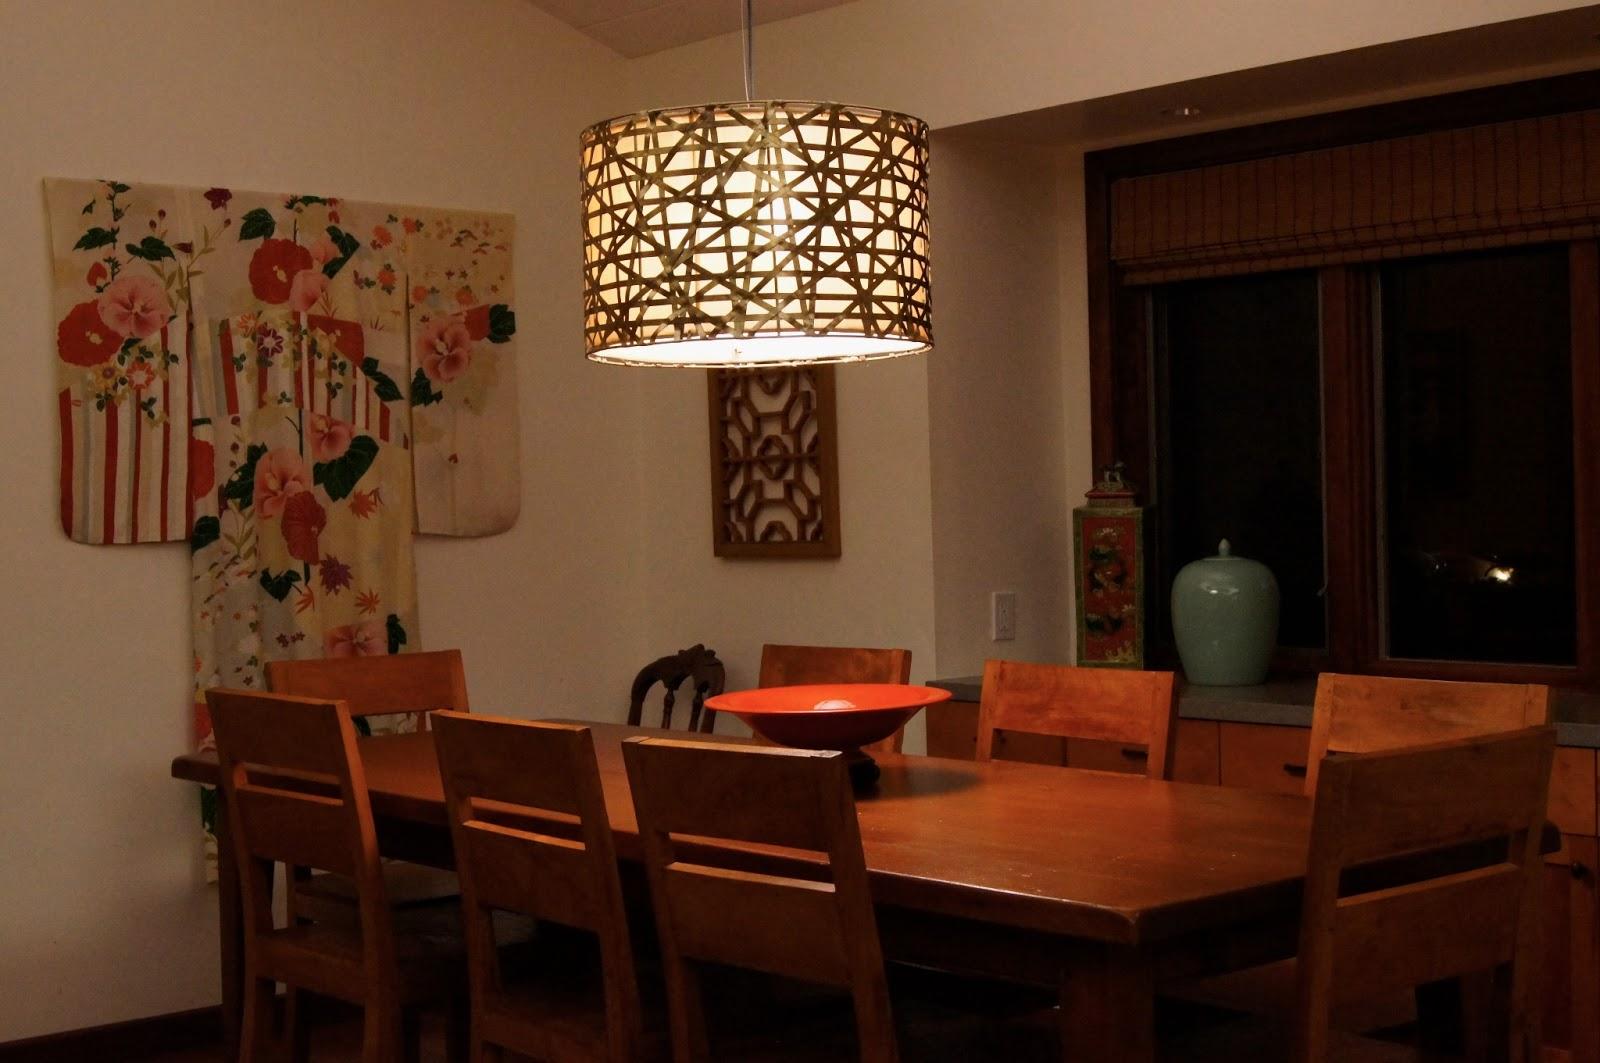 Lampu Gantung Ruang Makan Minimalis